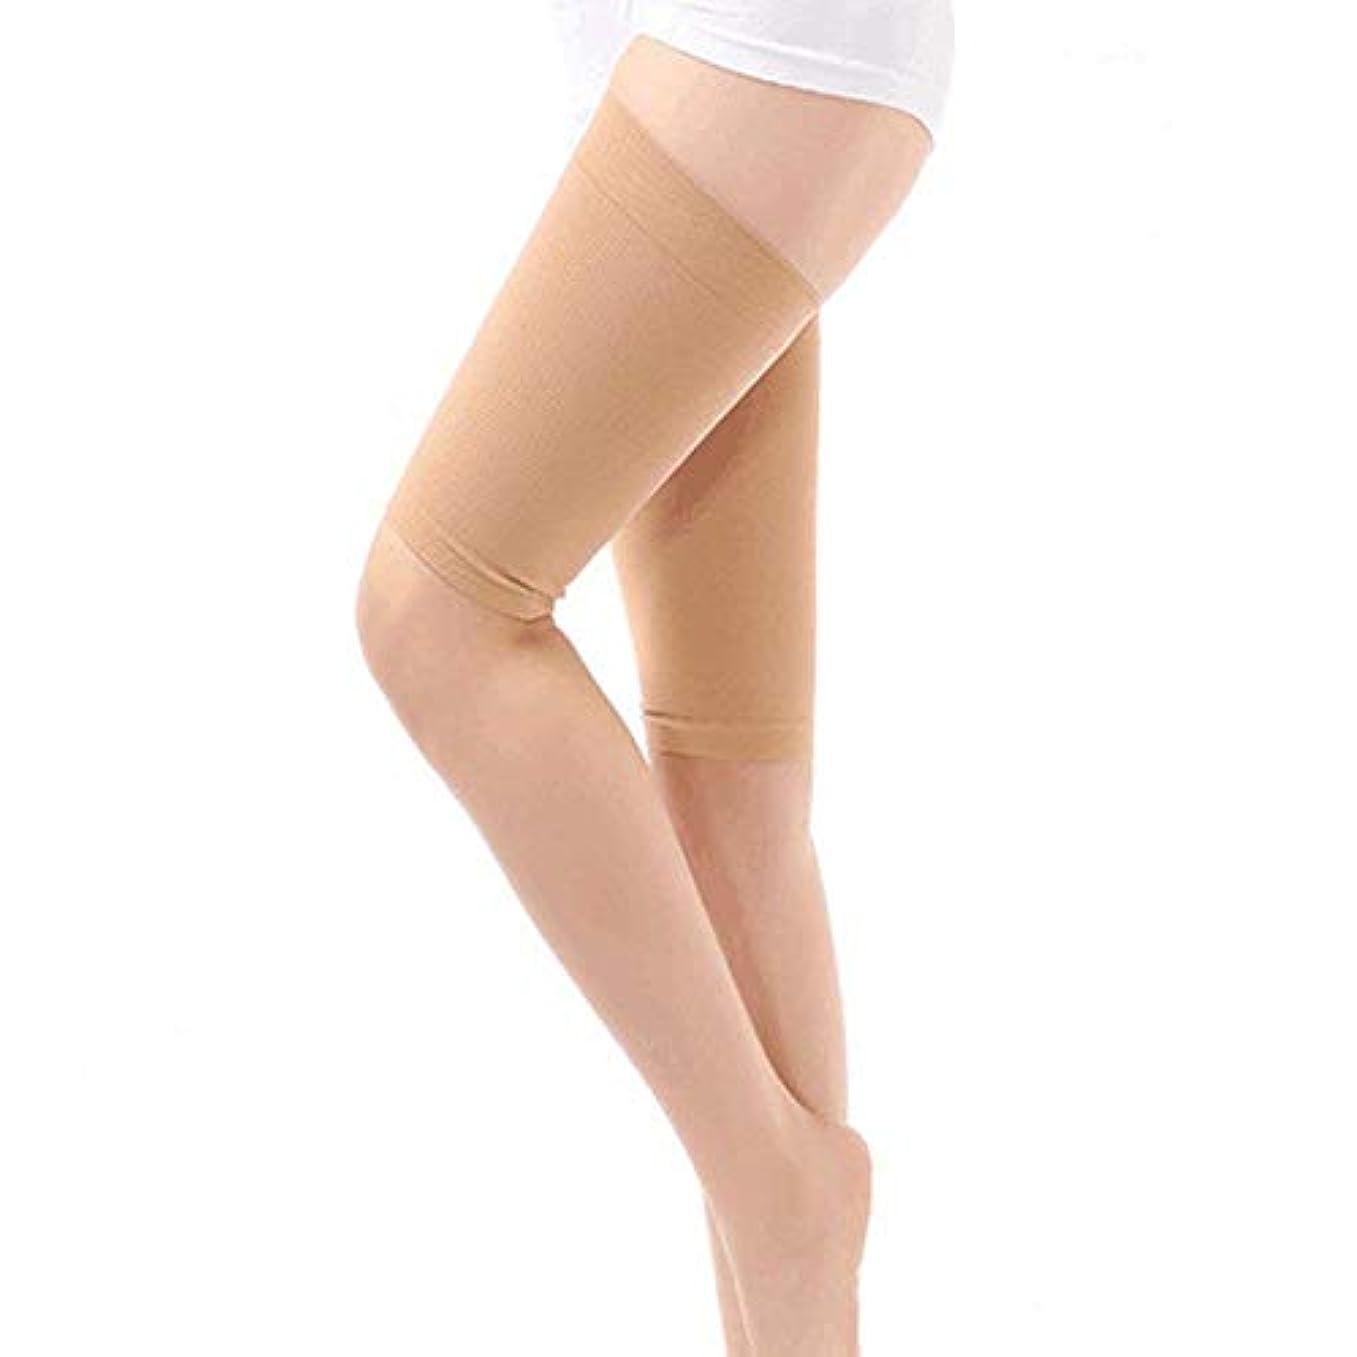 エゴマニア個人的にデイジー太もも燃焼 むくみ セルライト 除去 婦人科系 に作用 両足セット肌の色